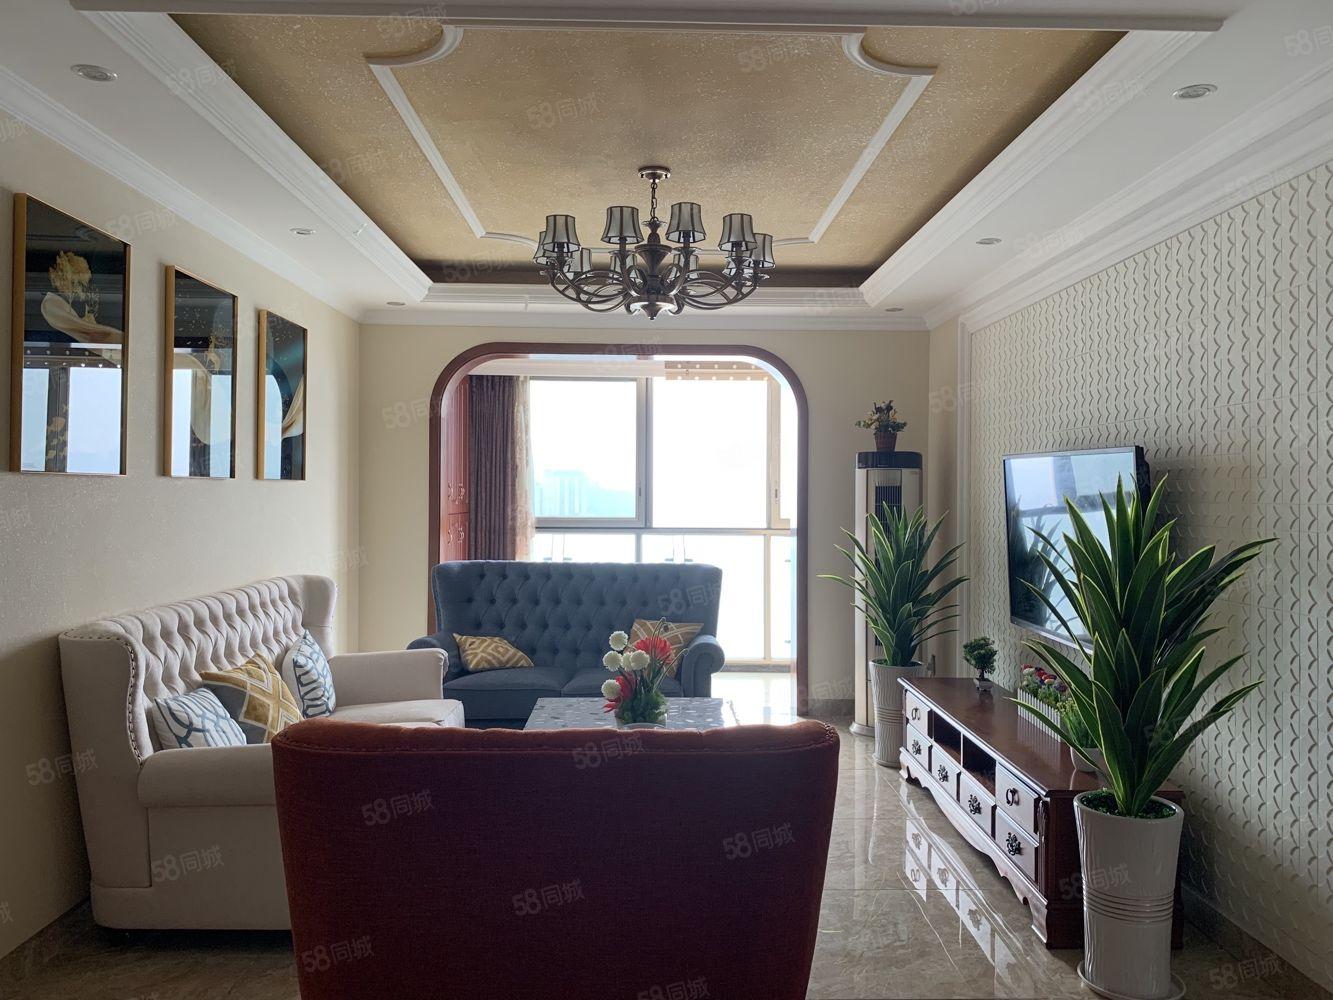 回龙湾视频房源房东置换,诚心出售,看江,价格可议,随时可看房